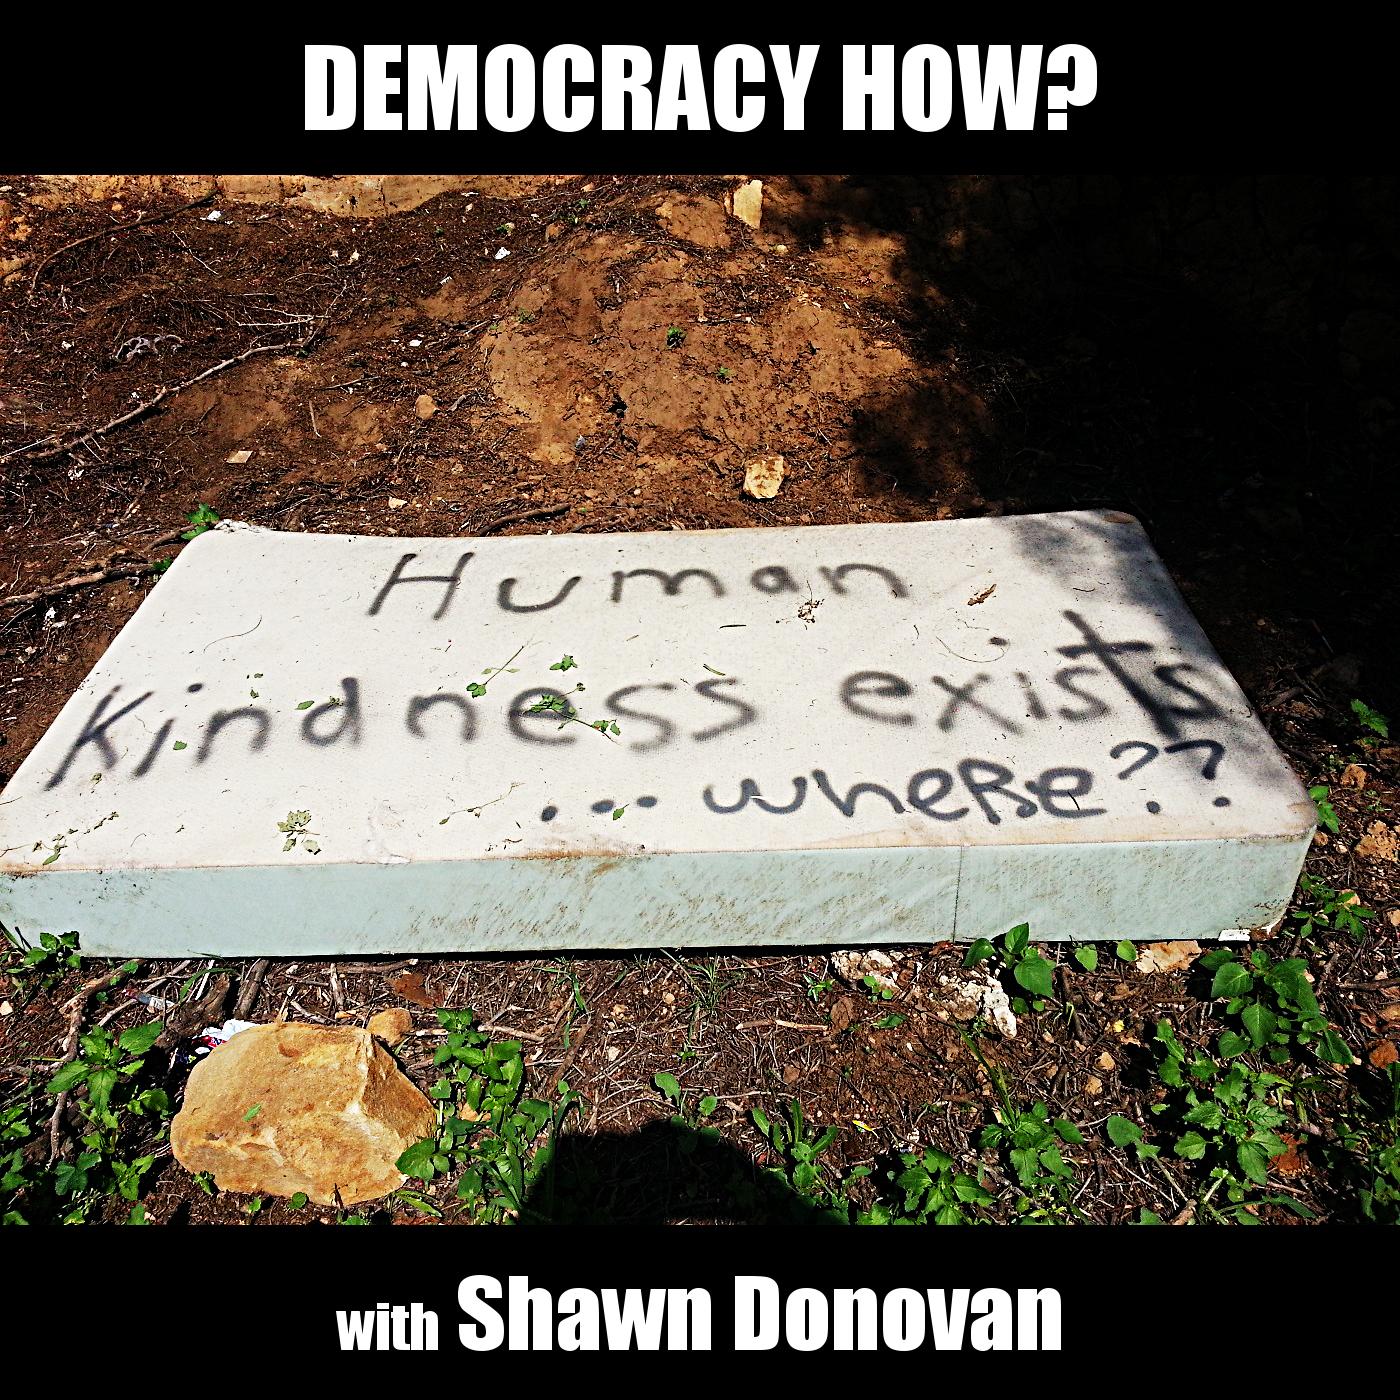 Democracy How?